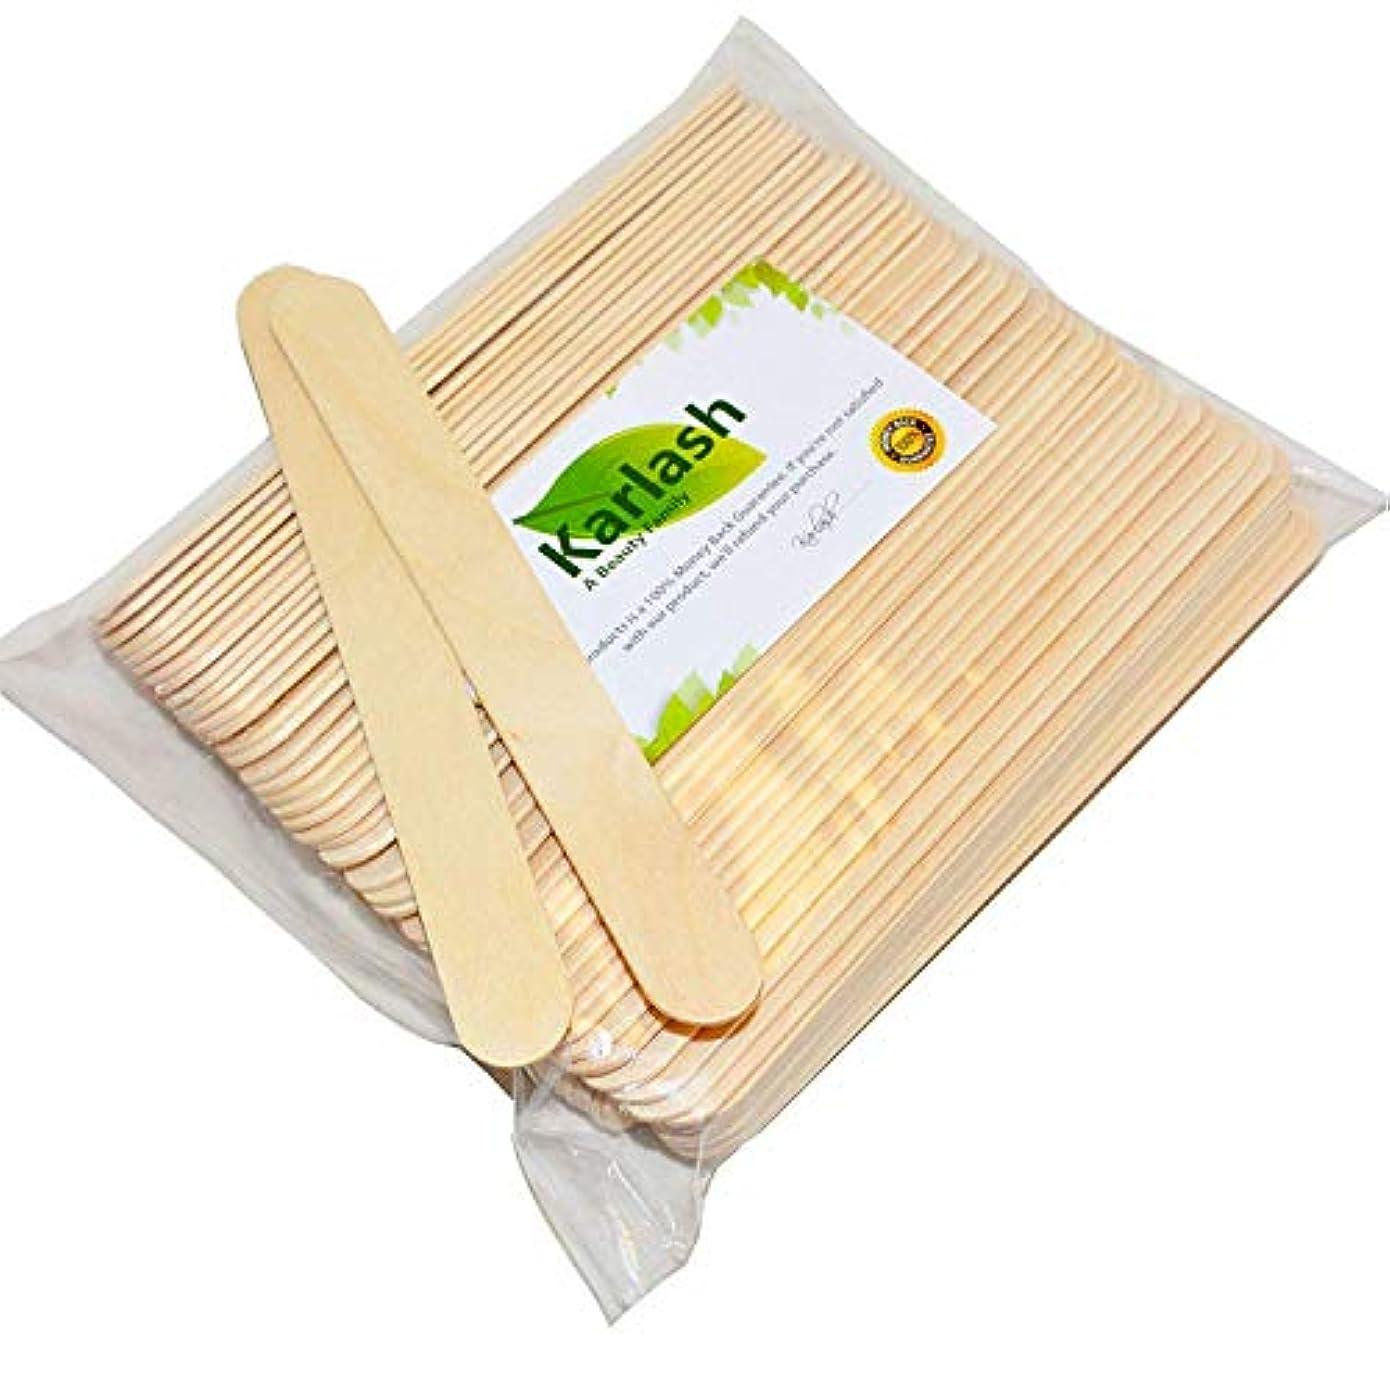 摂動スリルいたずら100 Large Wax Waxing Wood Body Hair Removal Craft Sticks Applicator Spatula 141[並行輸入]